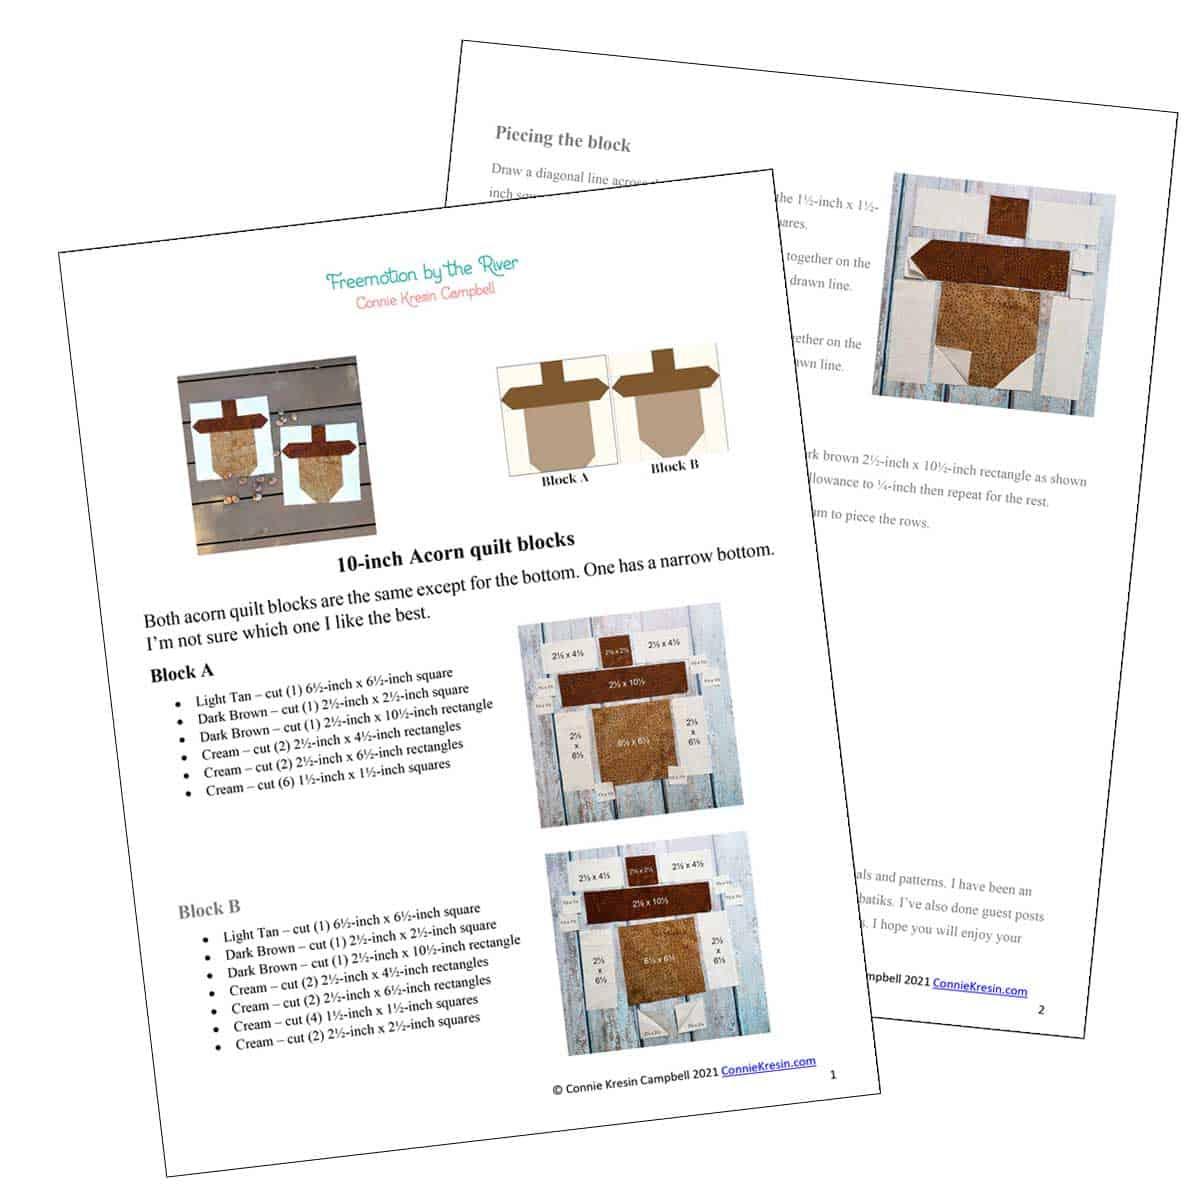 PDF of the acorn quilt block